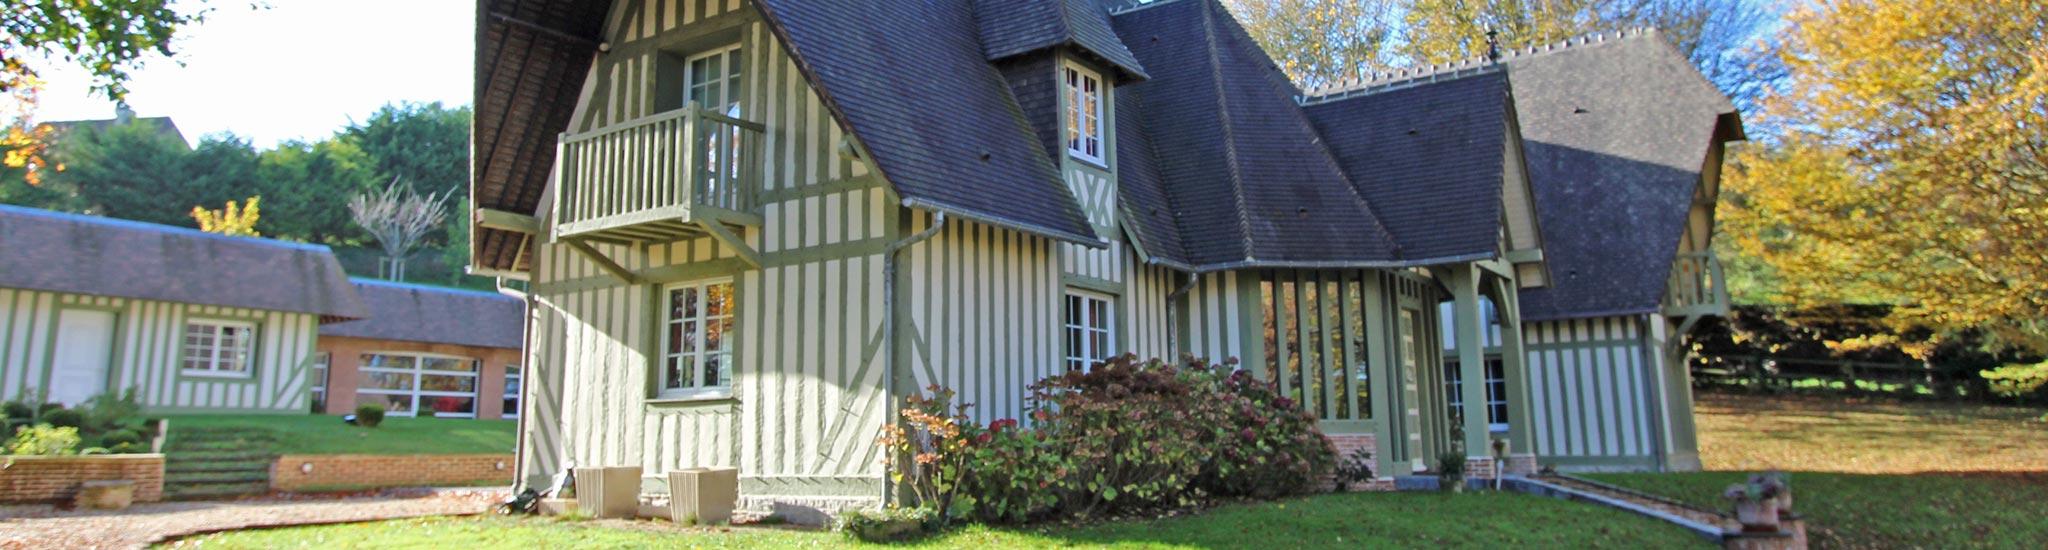 DEAUVILLE - 14800 PROCHE DEAUVILLE - DEAUVILLE - Superbe maison normande construite par ...